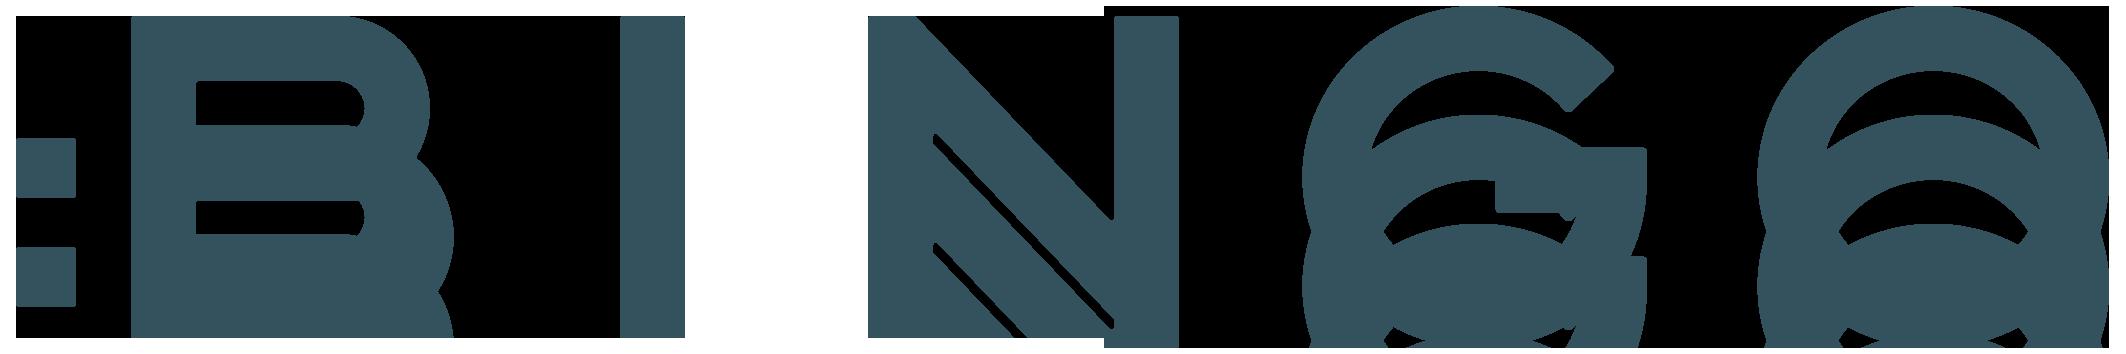 サービス業とロゴタイプ(文字のみのデザイン)と緑のロゴ